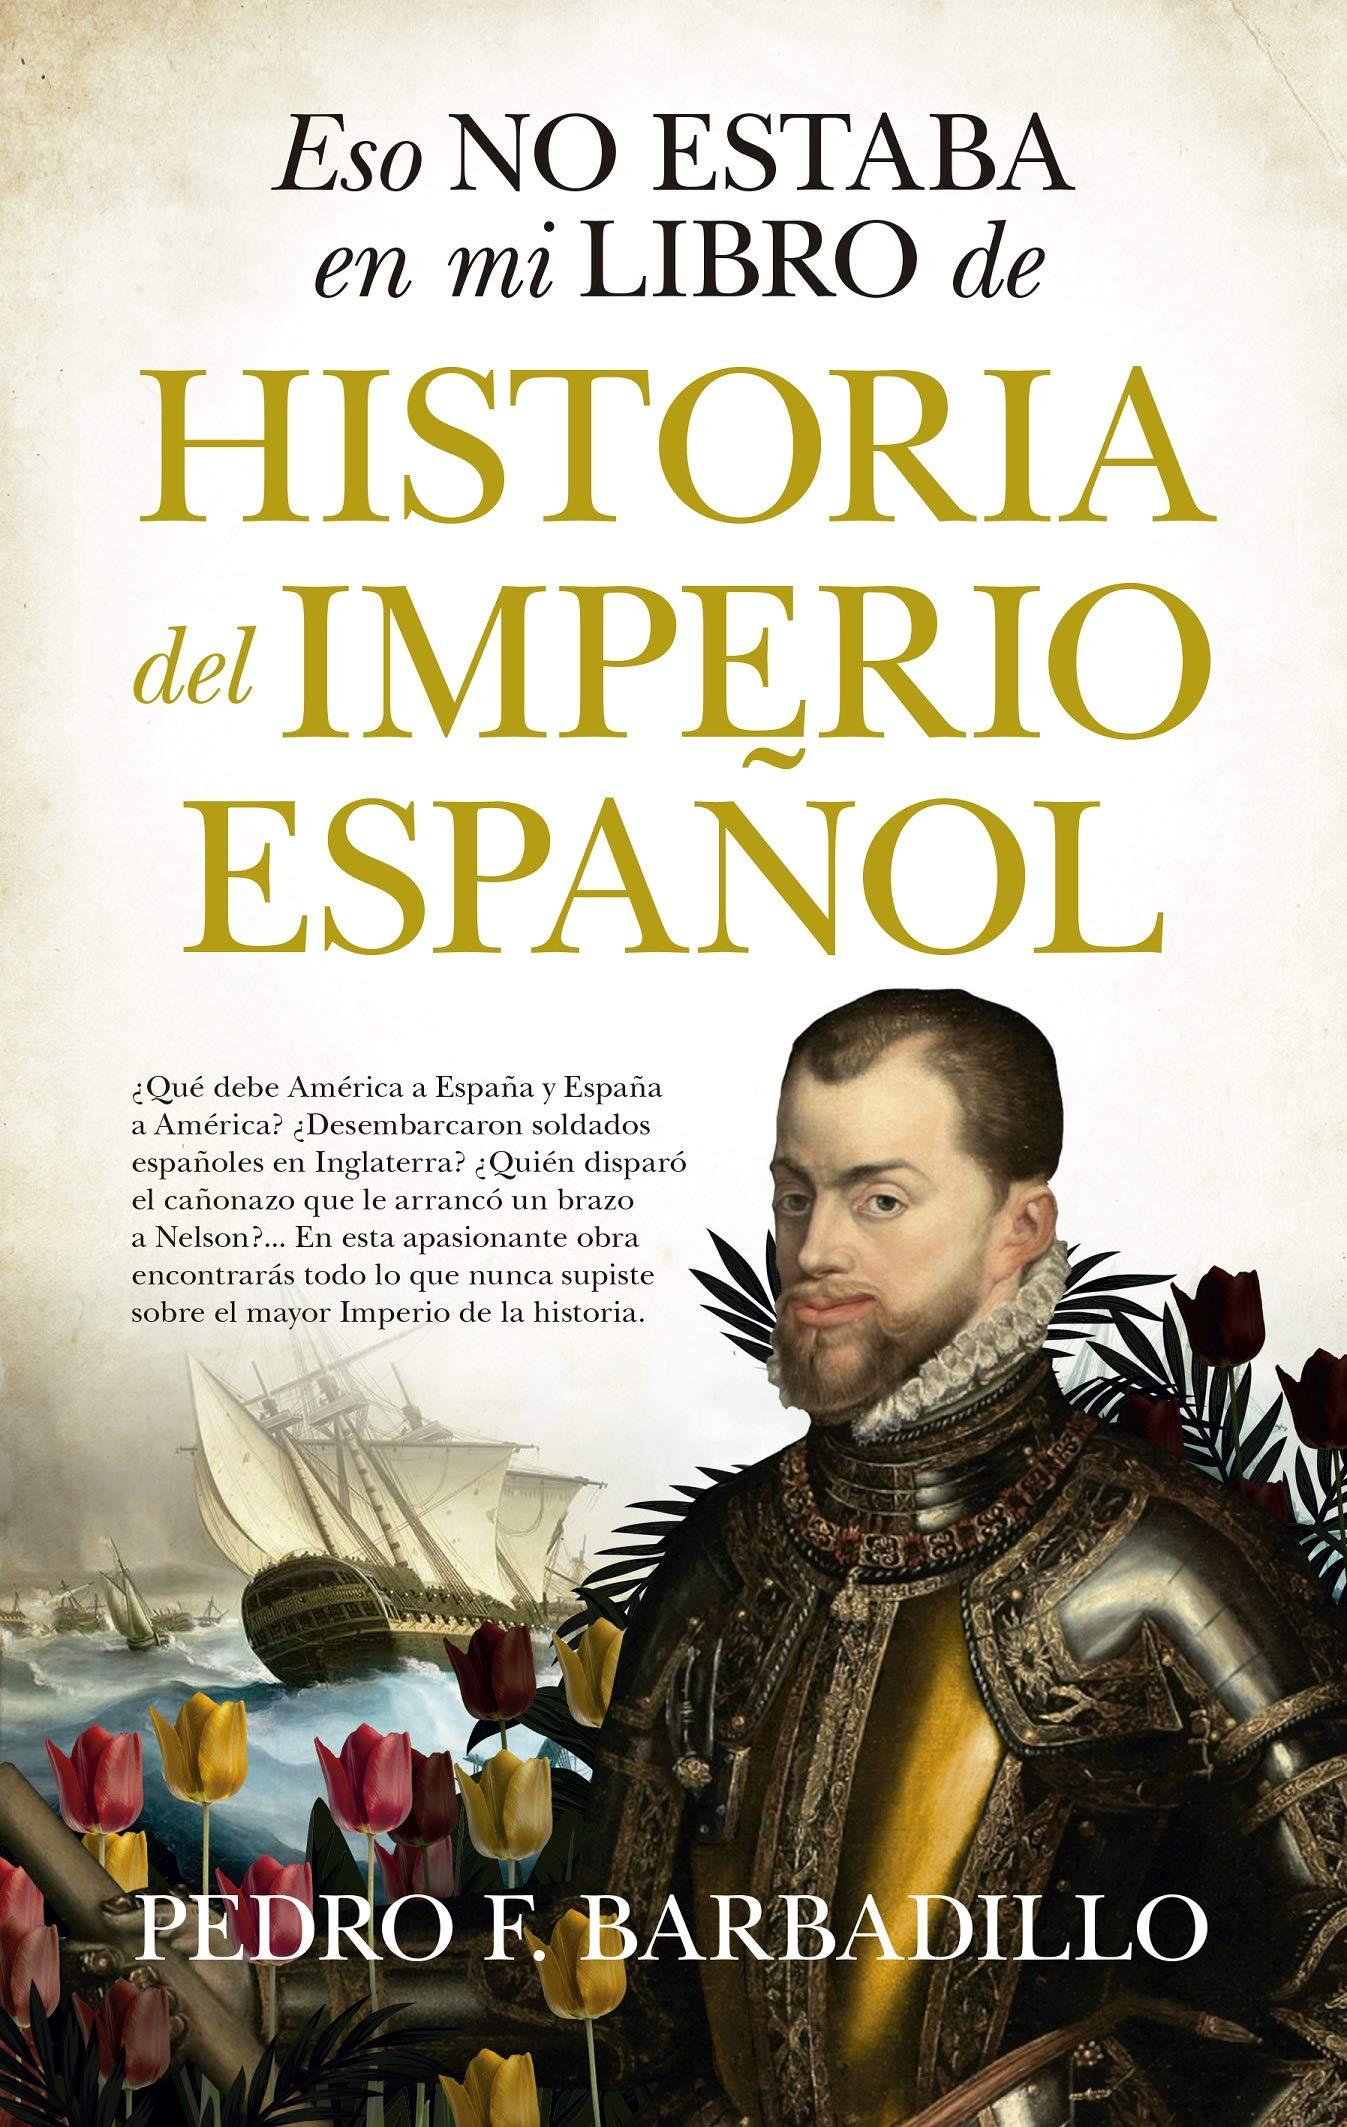 Eso No Estaba En Mi Libro De Historia Del Imperio Español: Amazon.es: Pedro F. Barbadillo: Libros